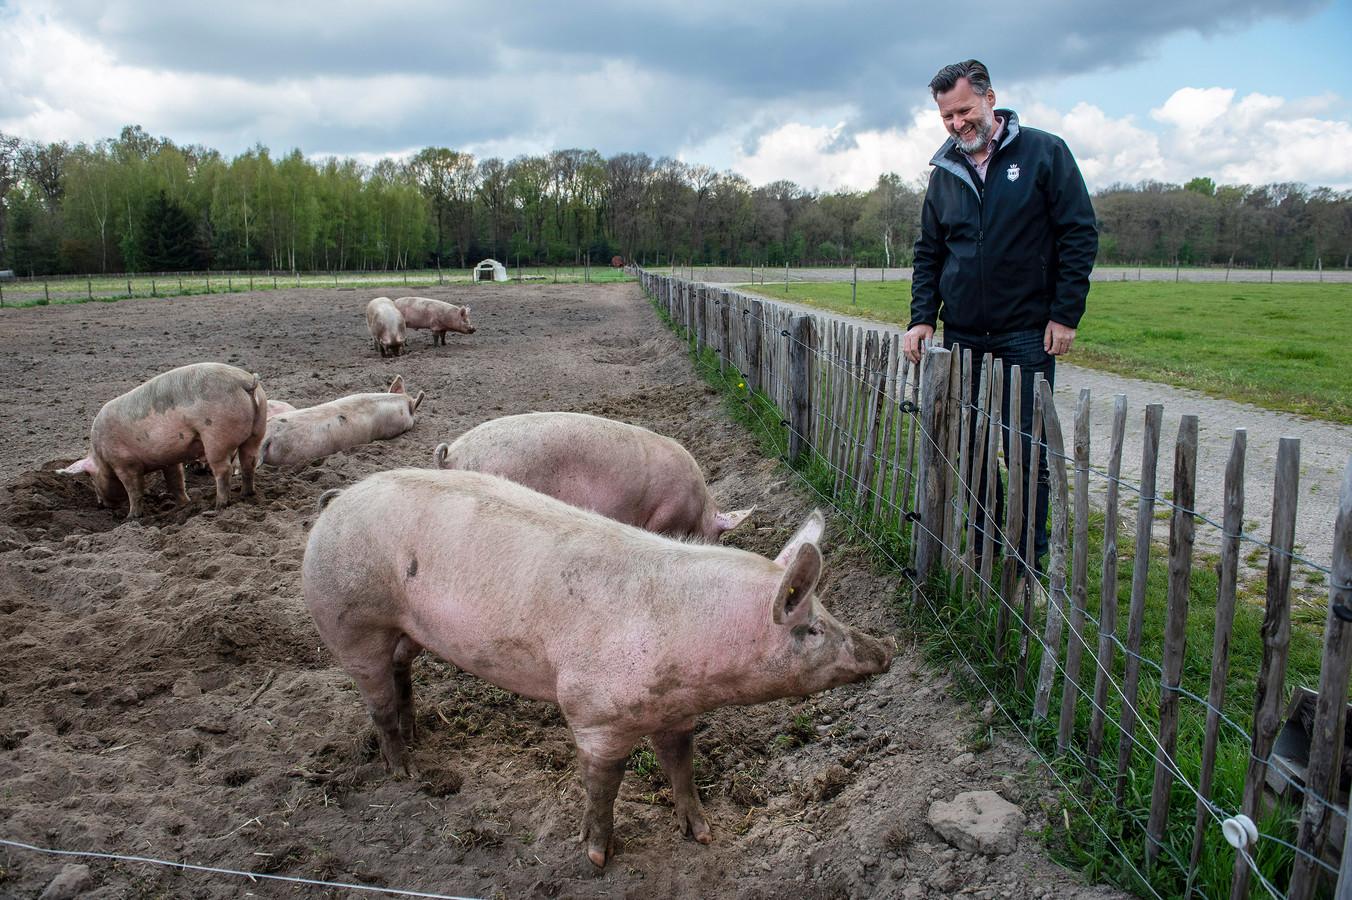 Nol van den Berg bij het verblijf van de varkens bij de Herenboeren in Alphen .